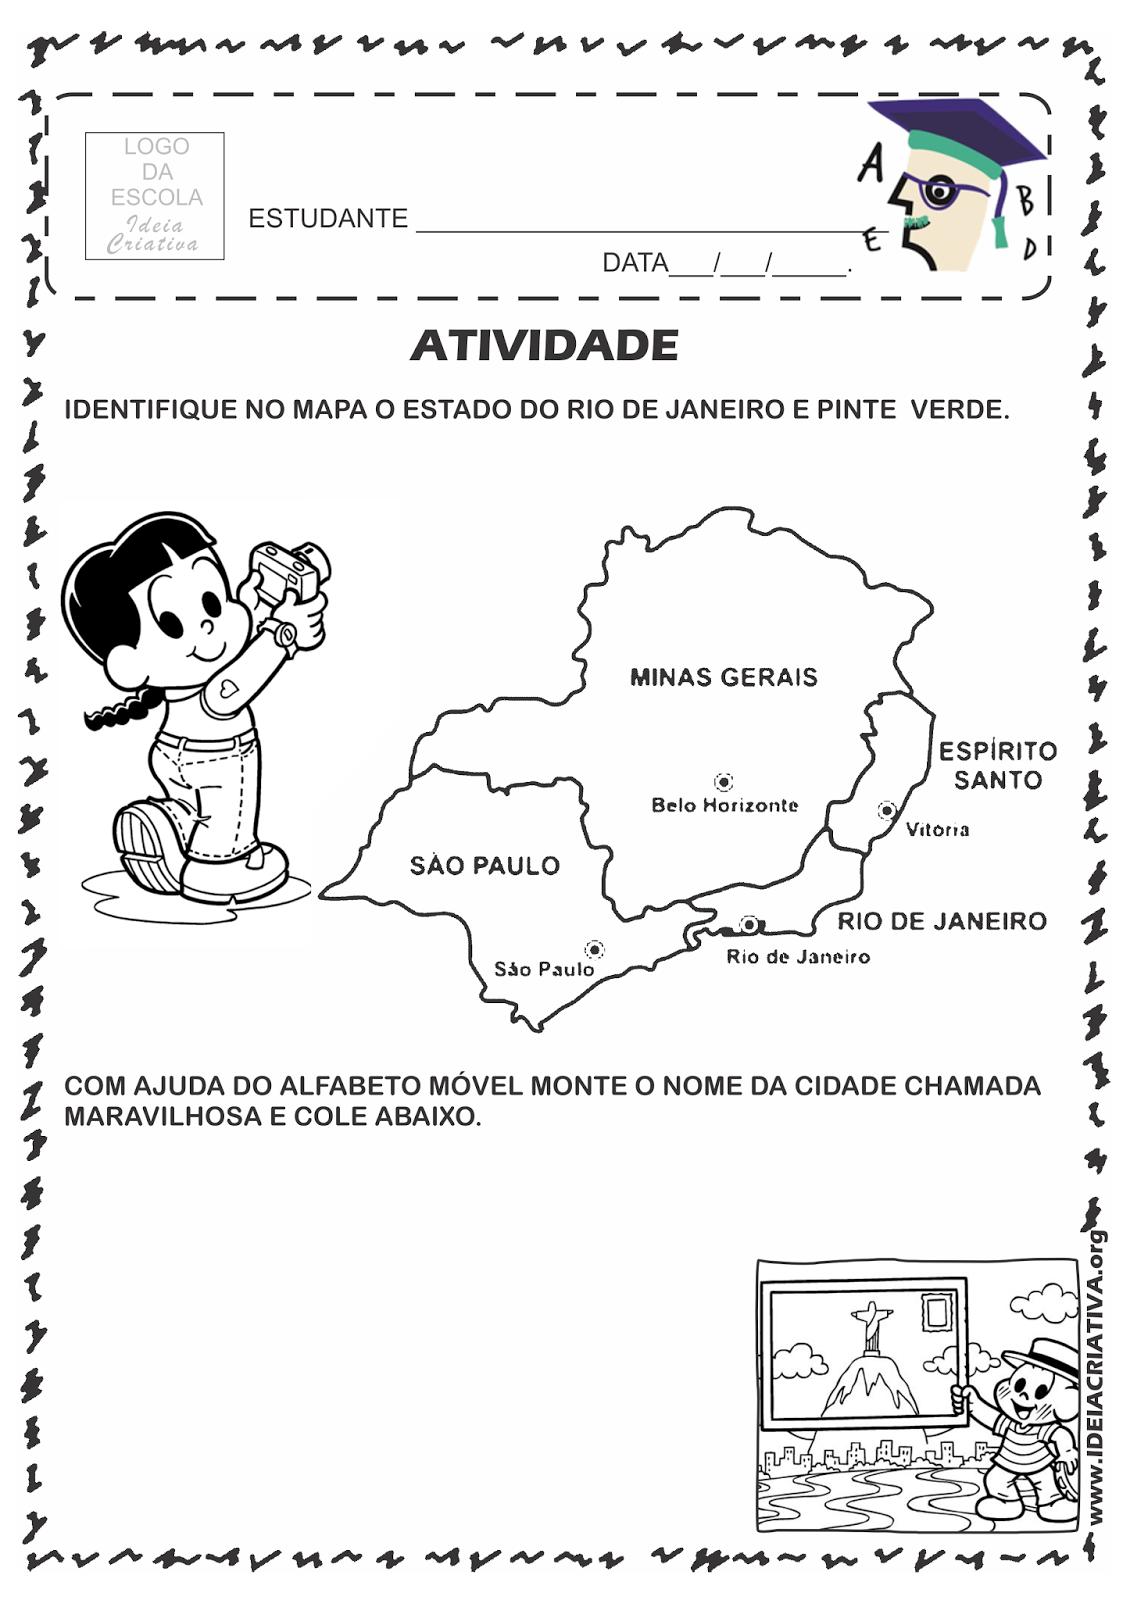 Atividade Rio 450 Anos Região Sudeste e Identificação do Estado do Rio de Janeiro no Mapa.